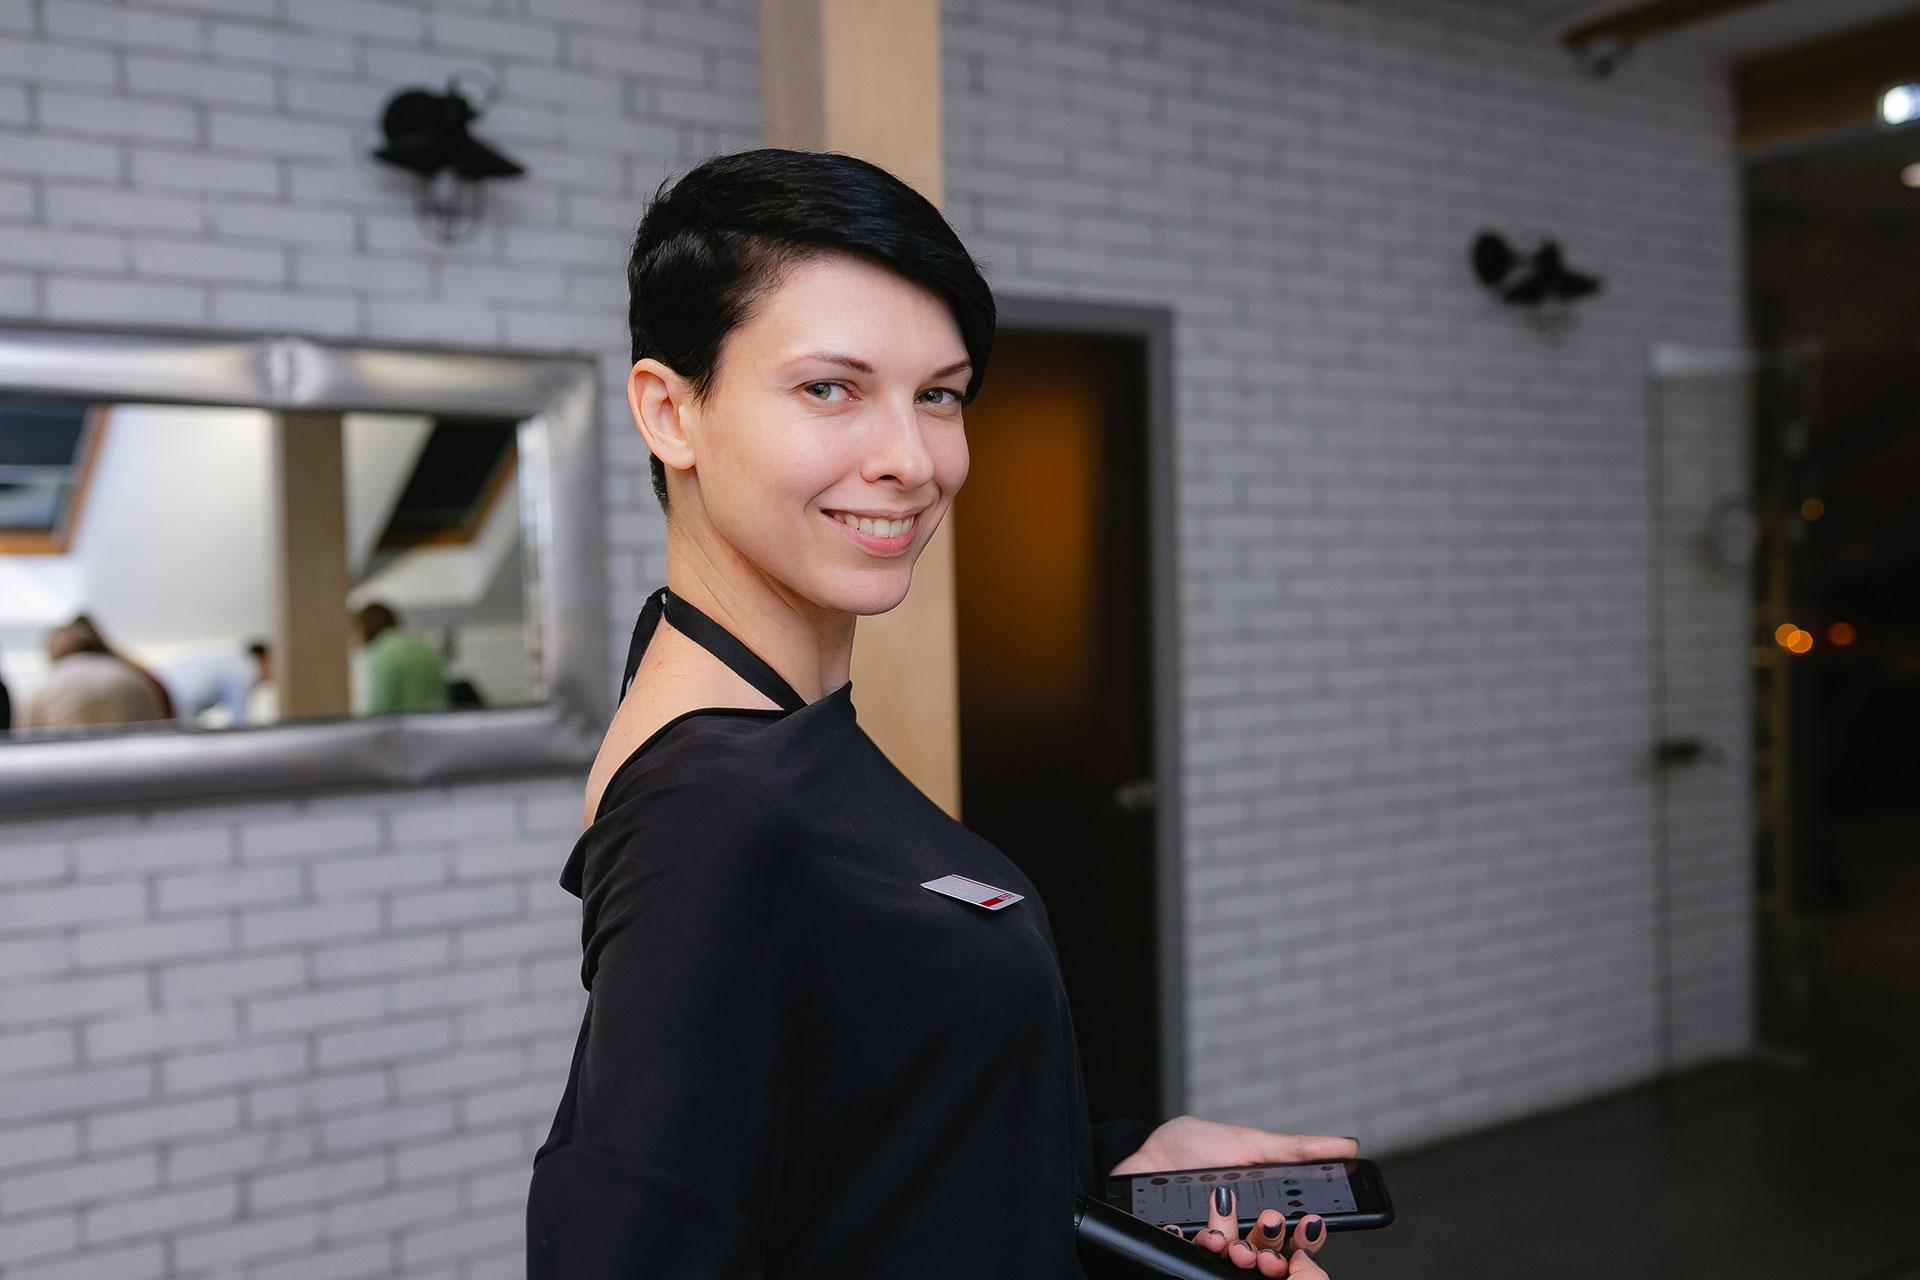 Анна Либер – художник в бизнесе, основатель и создатель Studio Anna Liber